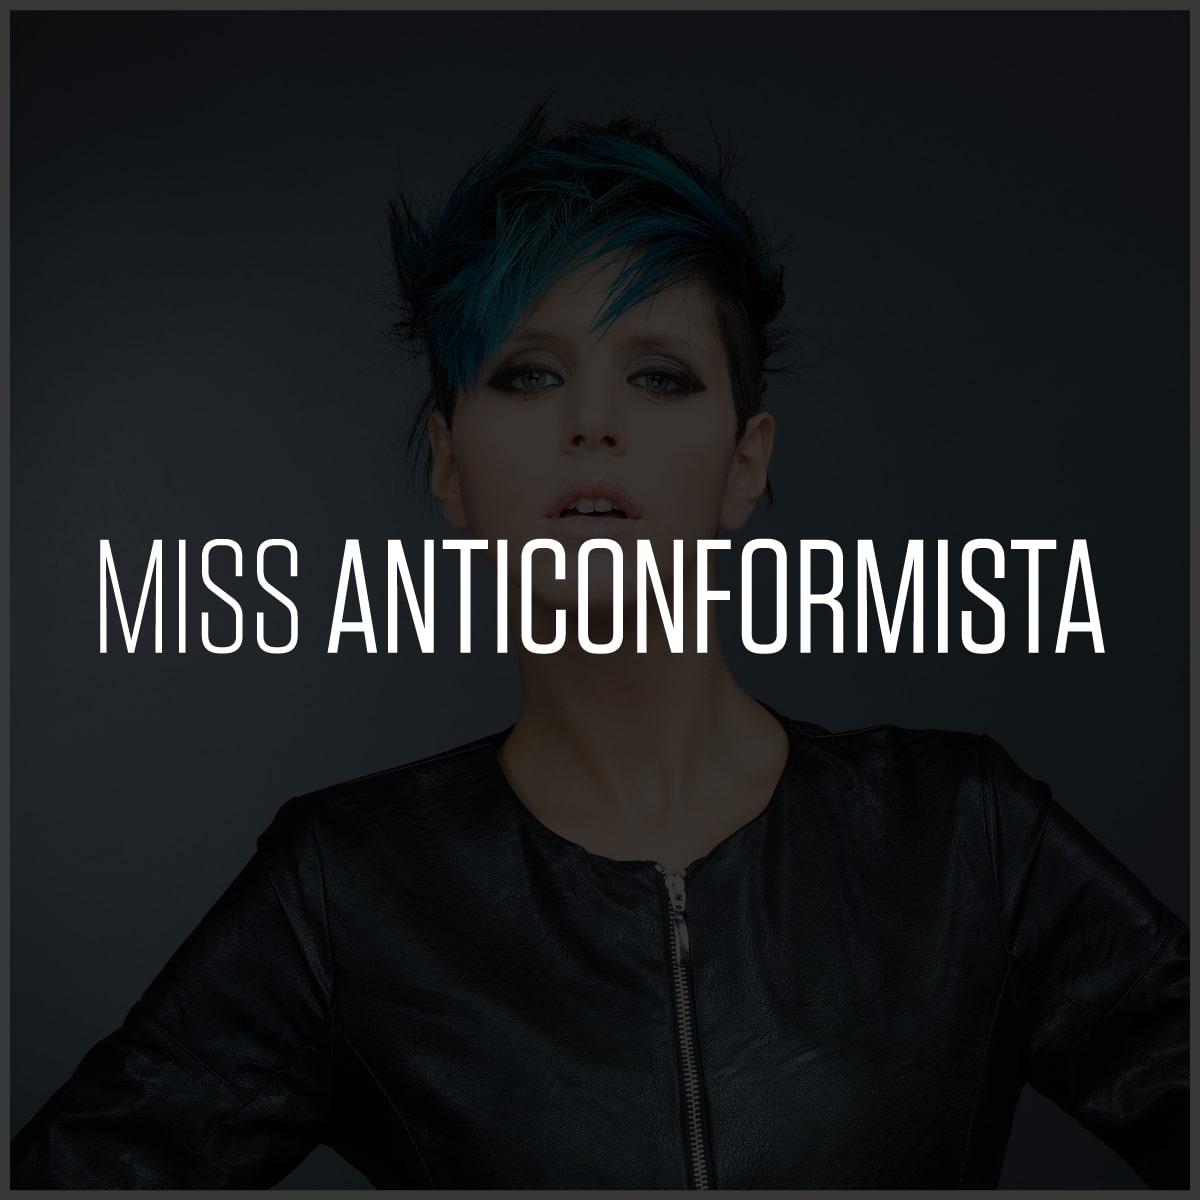 Miss Anticonformista | Compagnia Della Bellezza | Collezione Miss l'era del coraggio | 2015